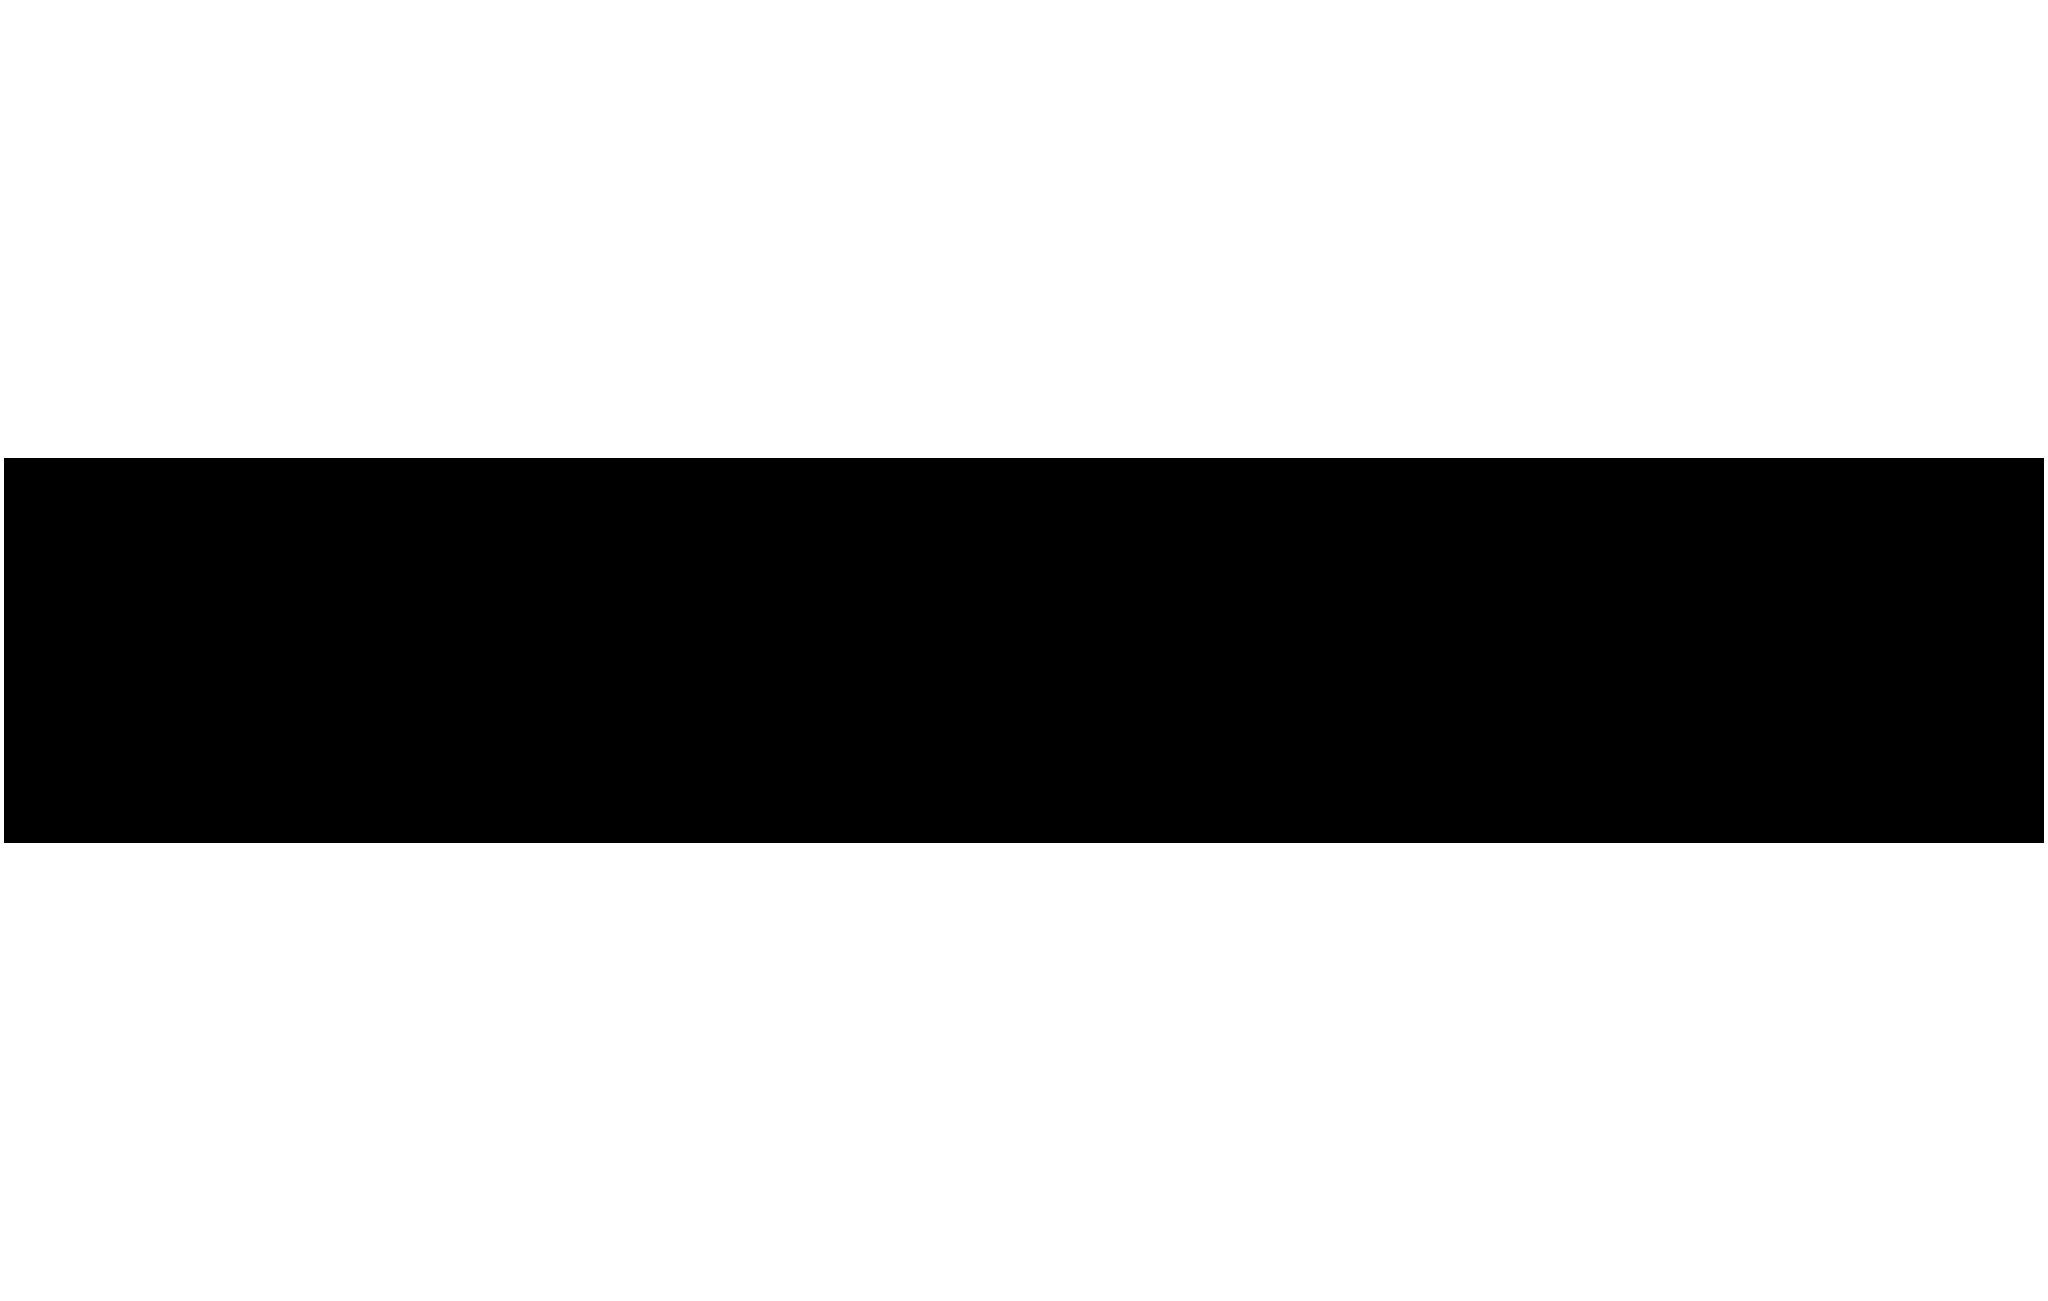 Otowil logo